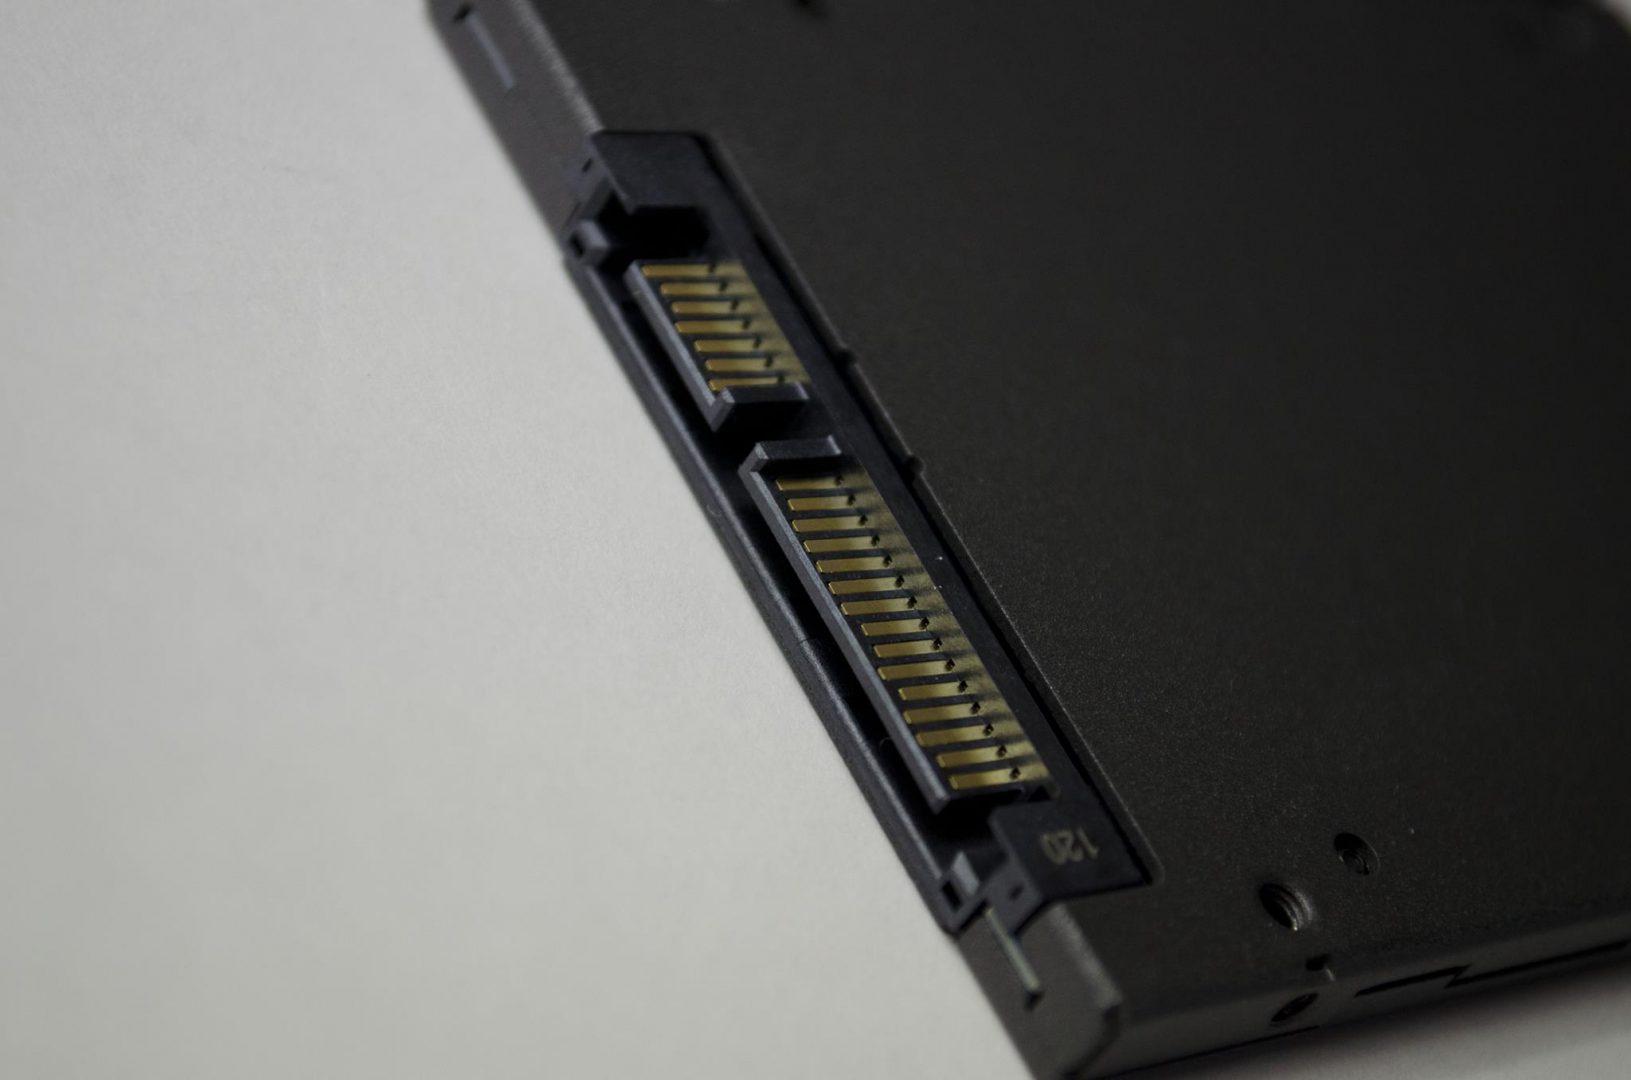 HyperX Fury SSD 120GB _6